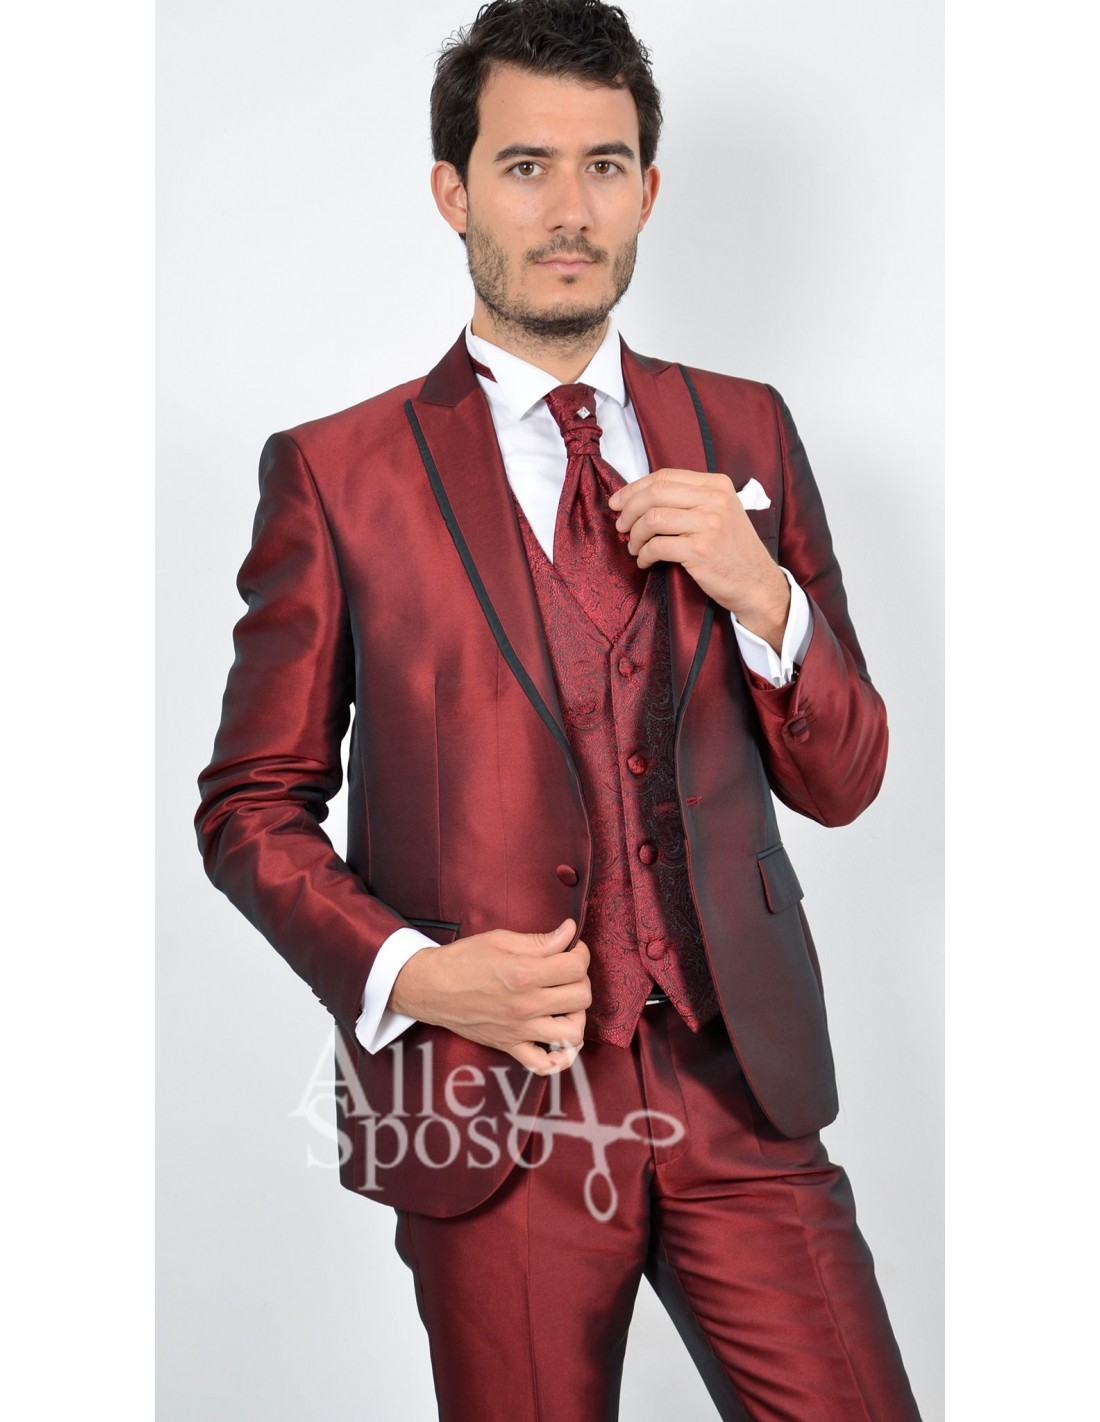 Vestito Matrimonio Uomo Rosso : Abito sposo rosso lucido uomo gente moda